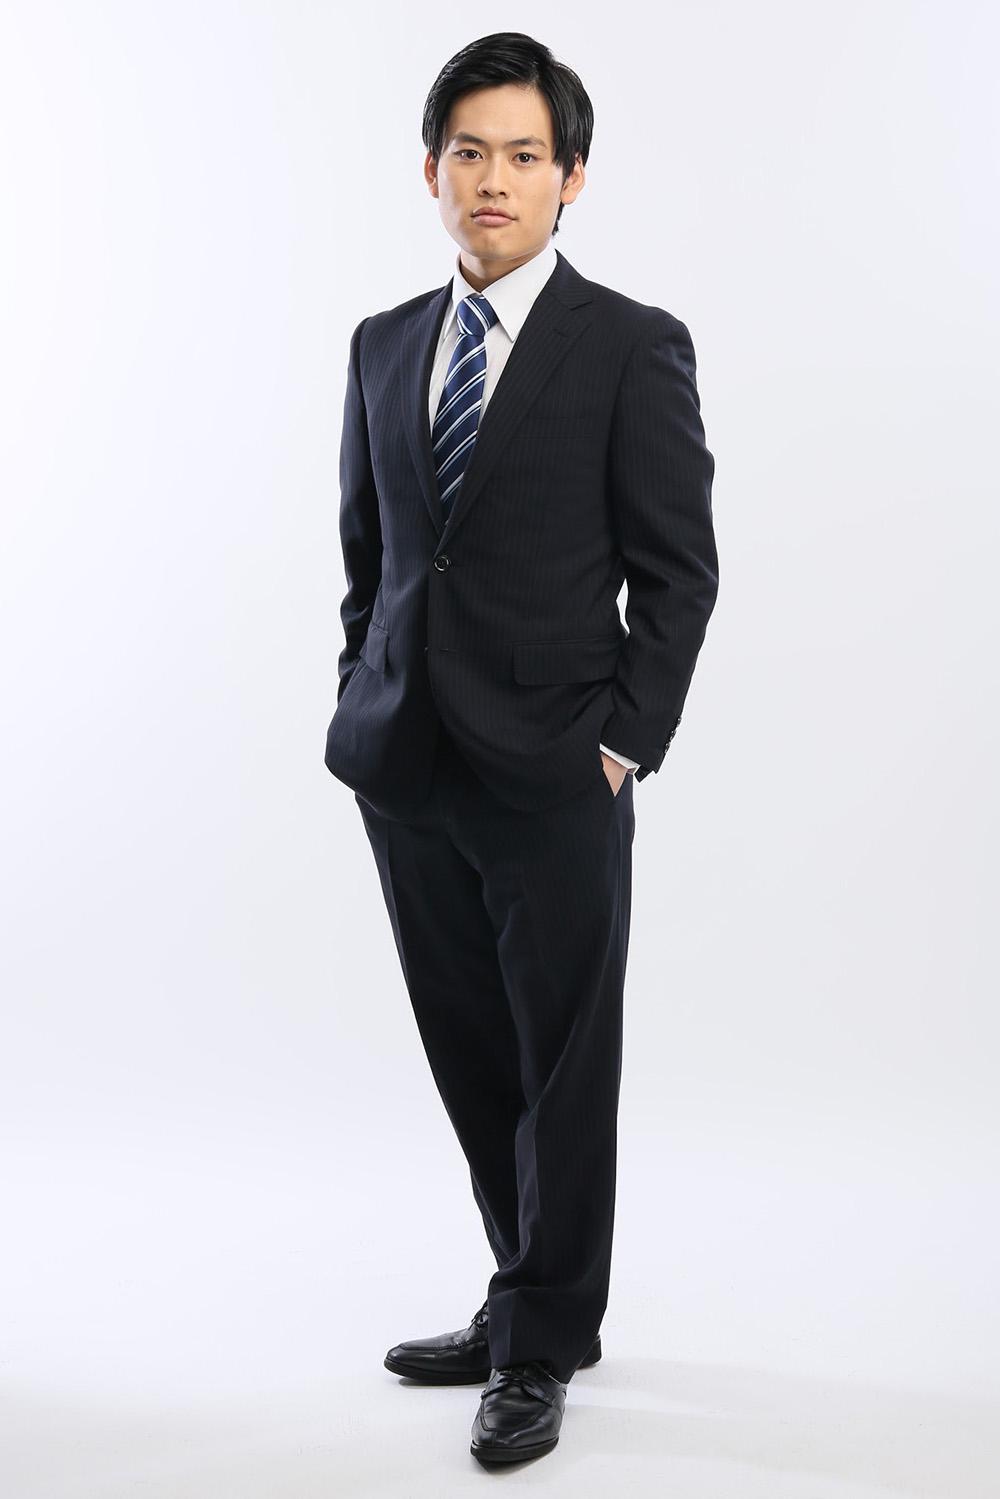 上野山 圭治